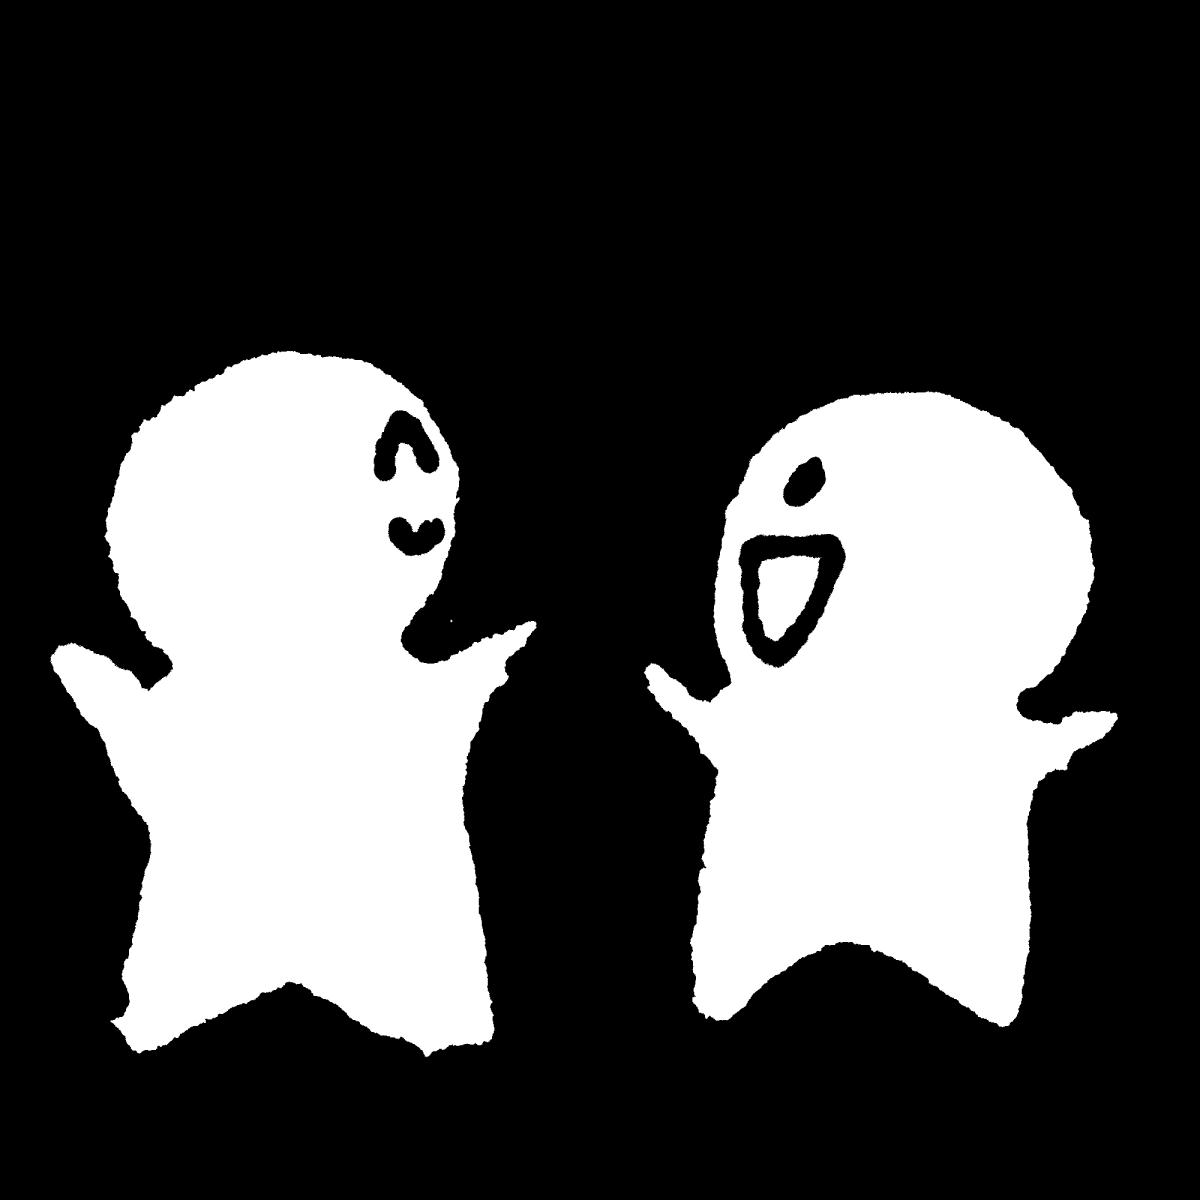 喜ぶ二人の背中のイラスト Two rejoicing backs  Illustration